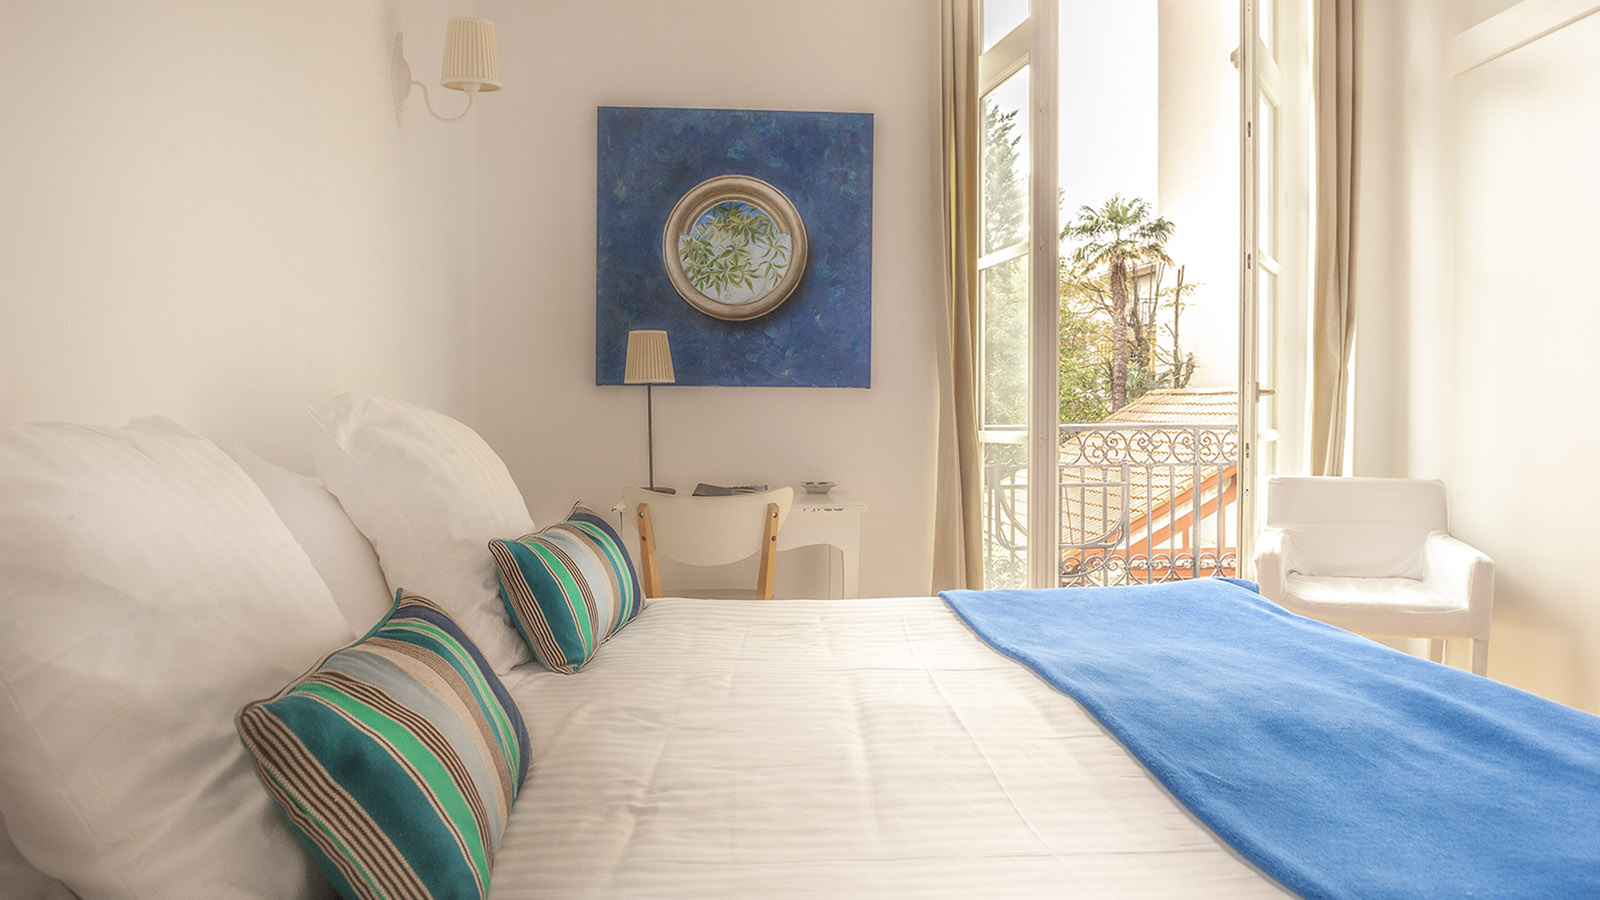 Ein Zimmer im Boutiquehotel Maison du Lierre von Biarritz. Foto: Hilke Maunder